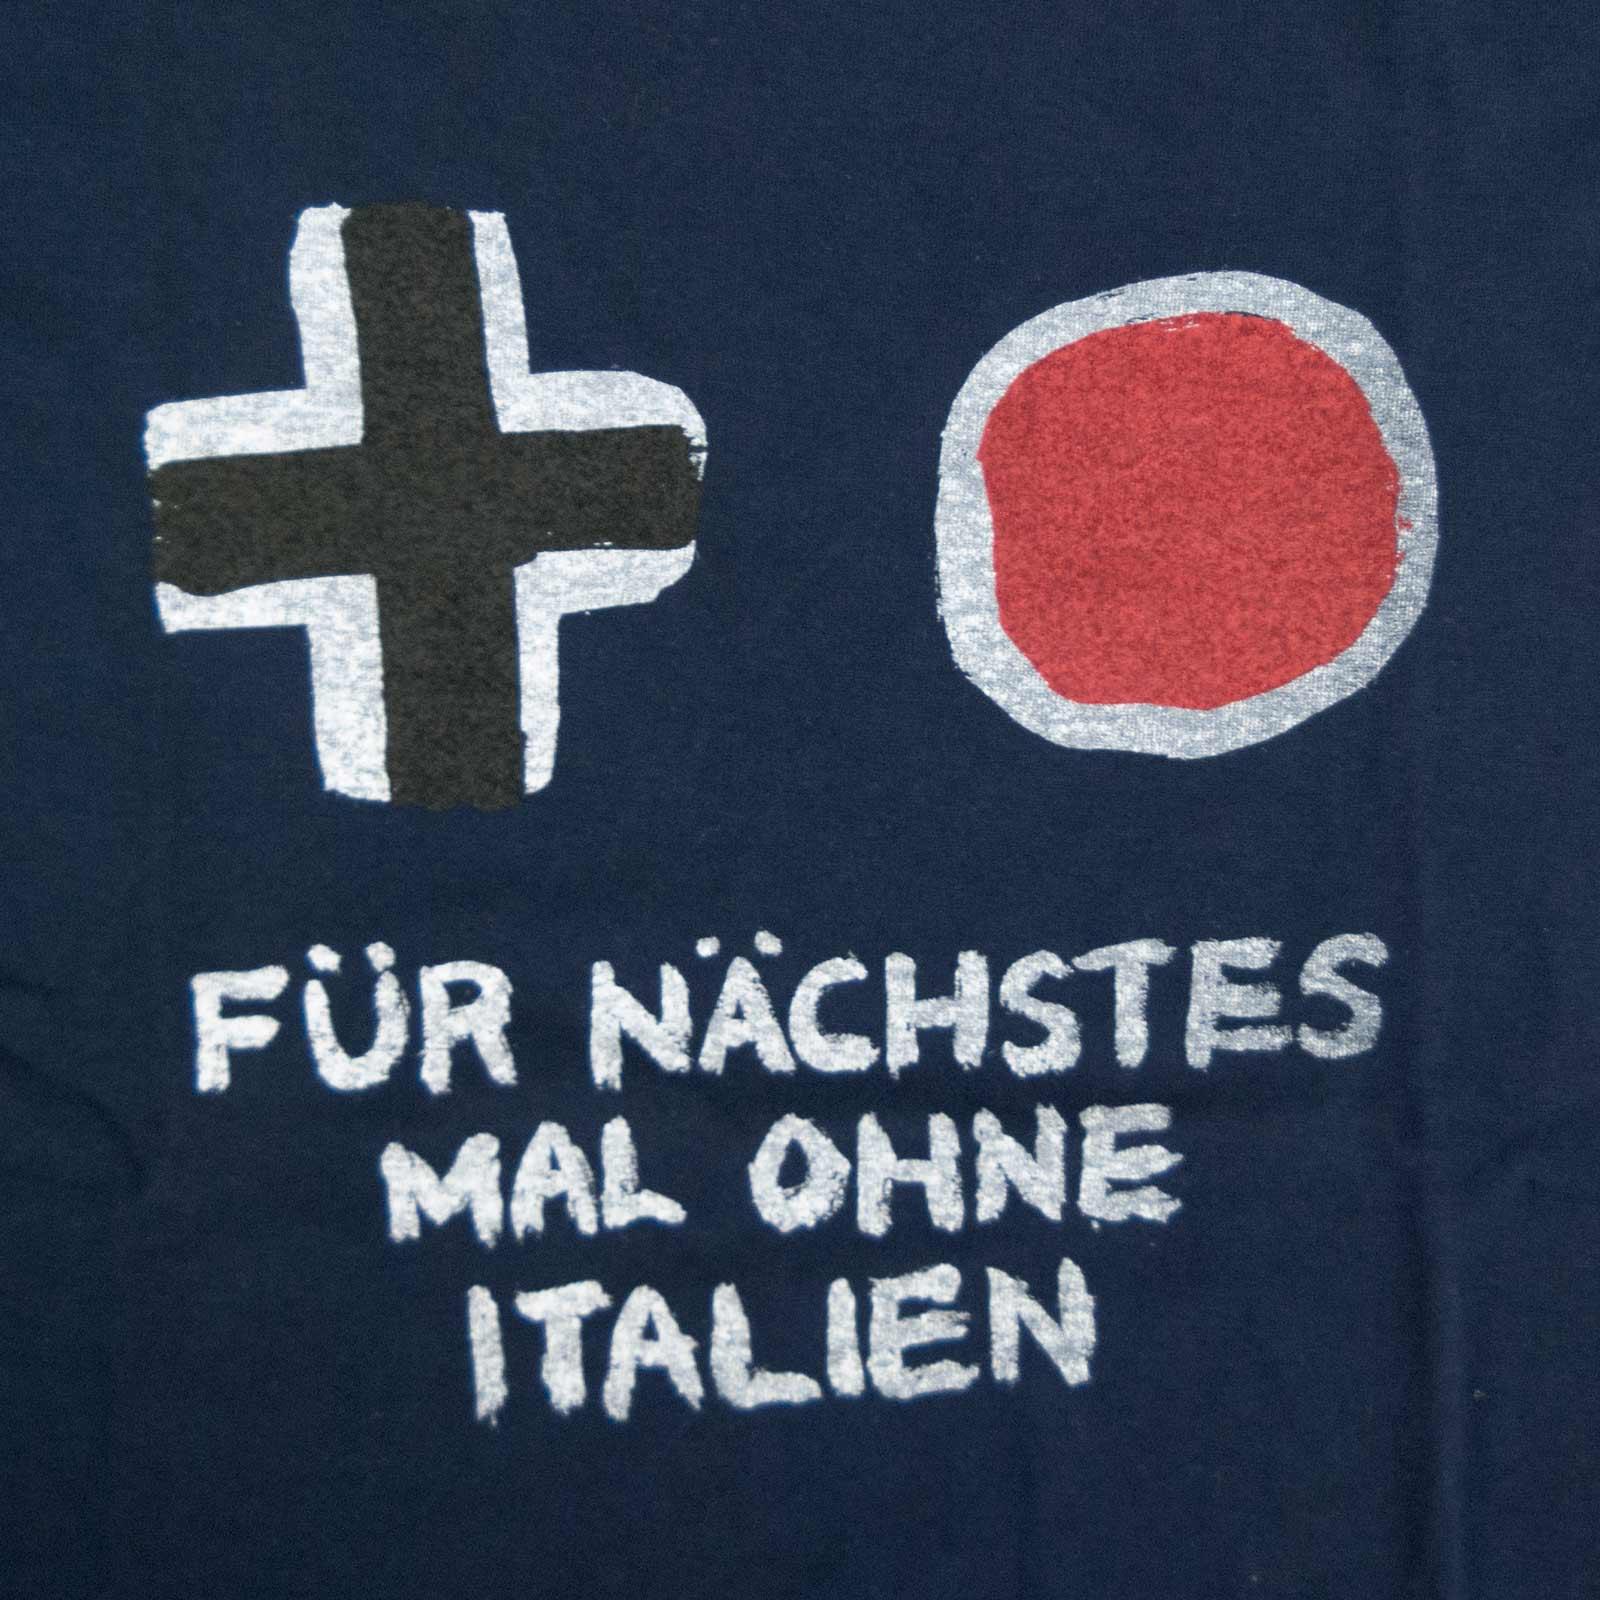 次はイタリア抜きでやろうぜ Tシャツ